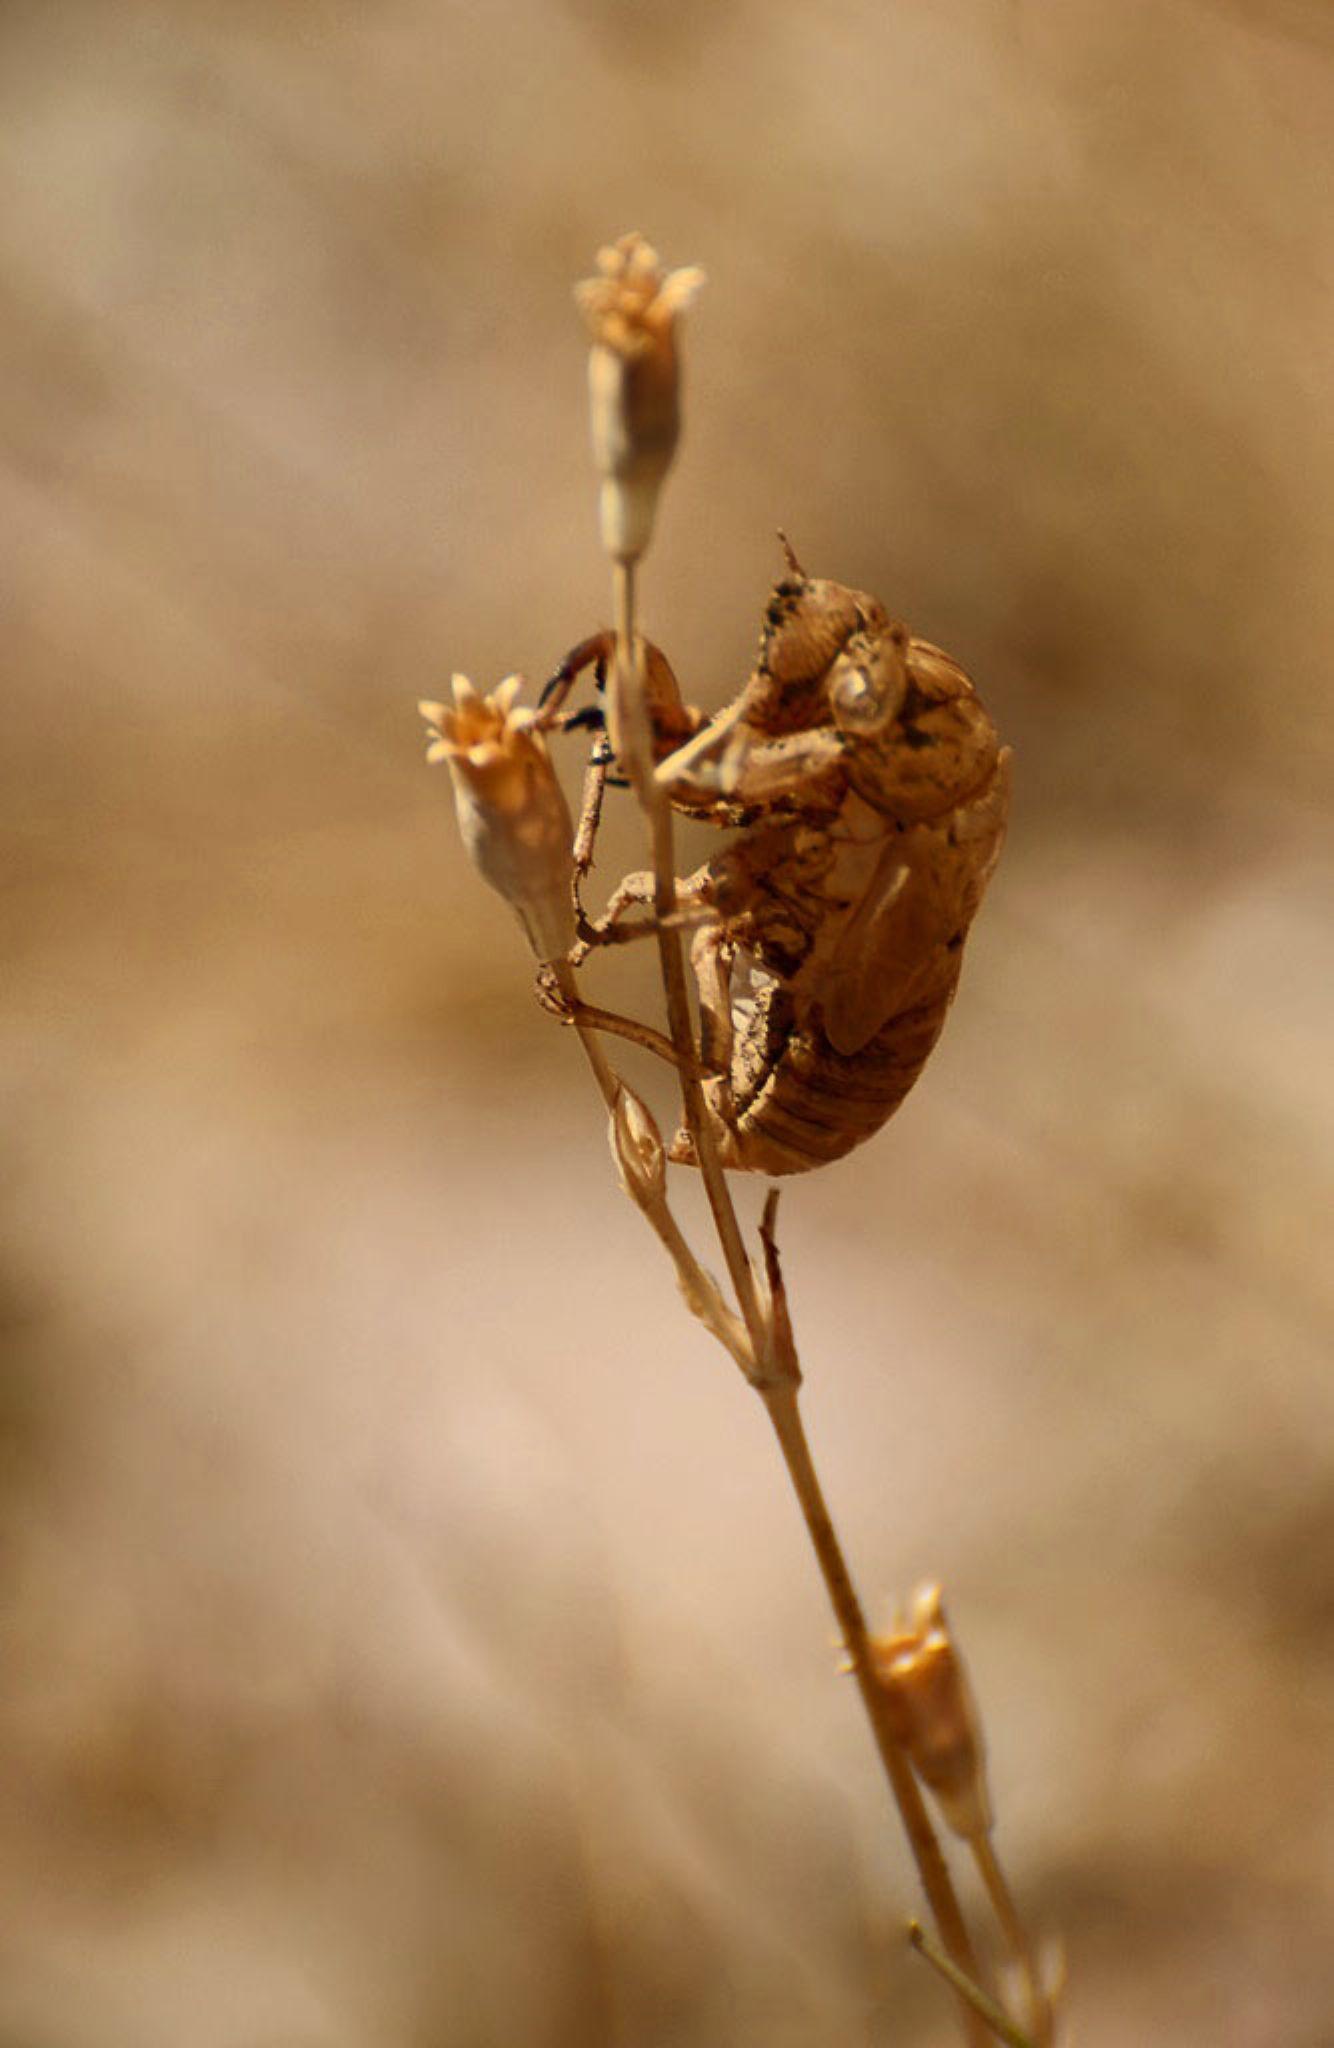 Cicada Shell by Filiz Bariskan